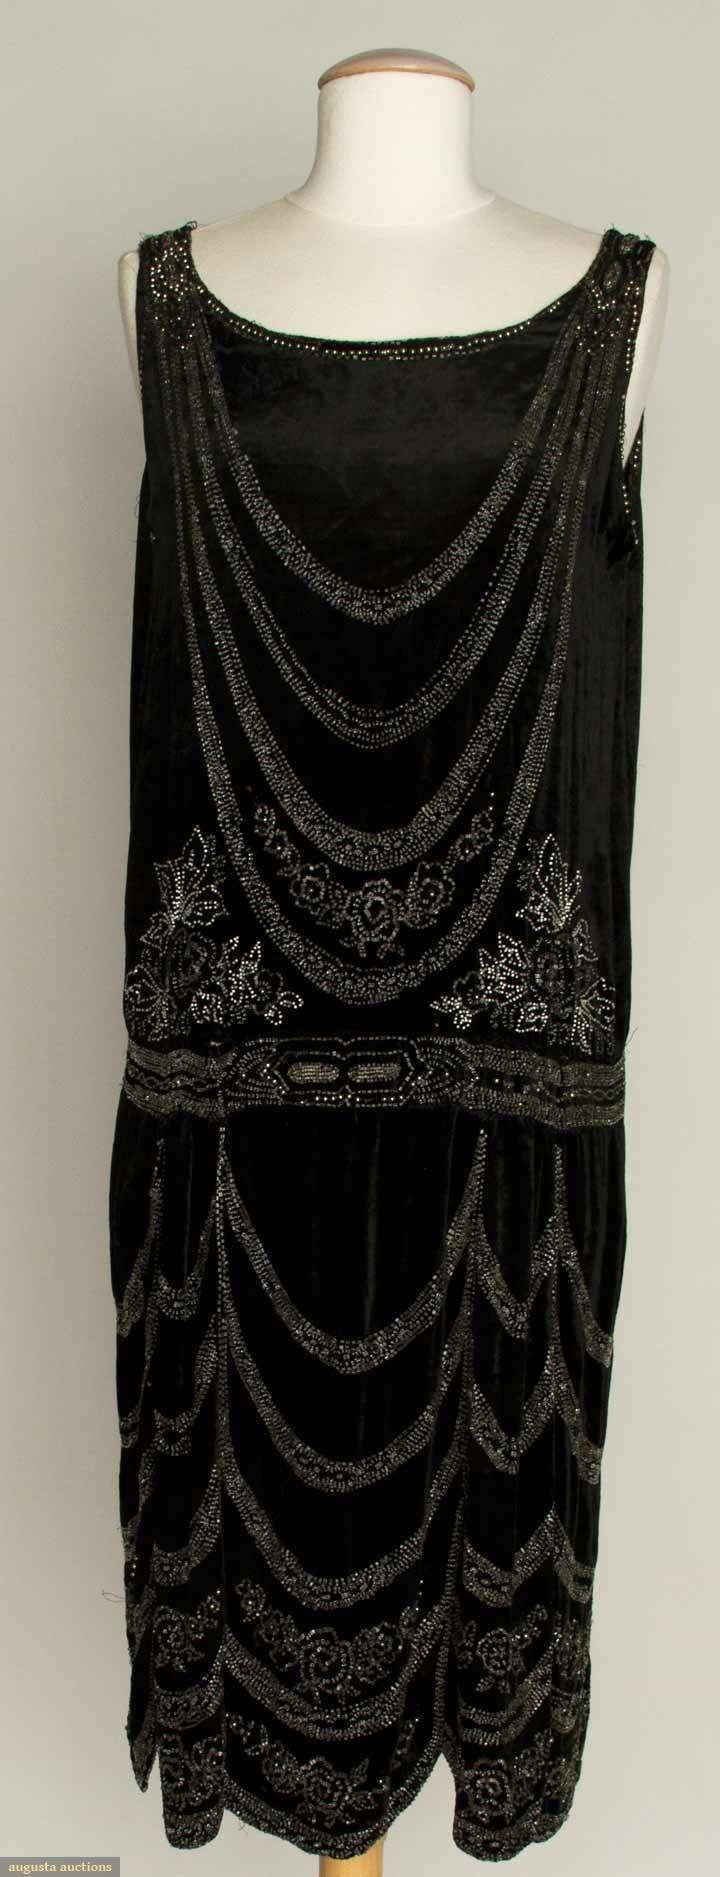 CRYSTAL BEADED FLAPPER DRESS, 1920s - Black velvet, beaded swags w/ flowers, scalloped skirt